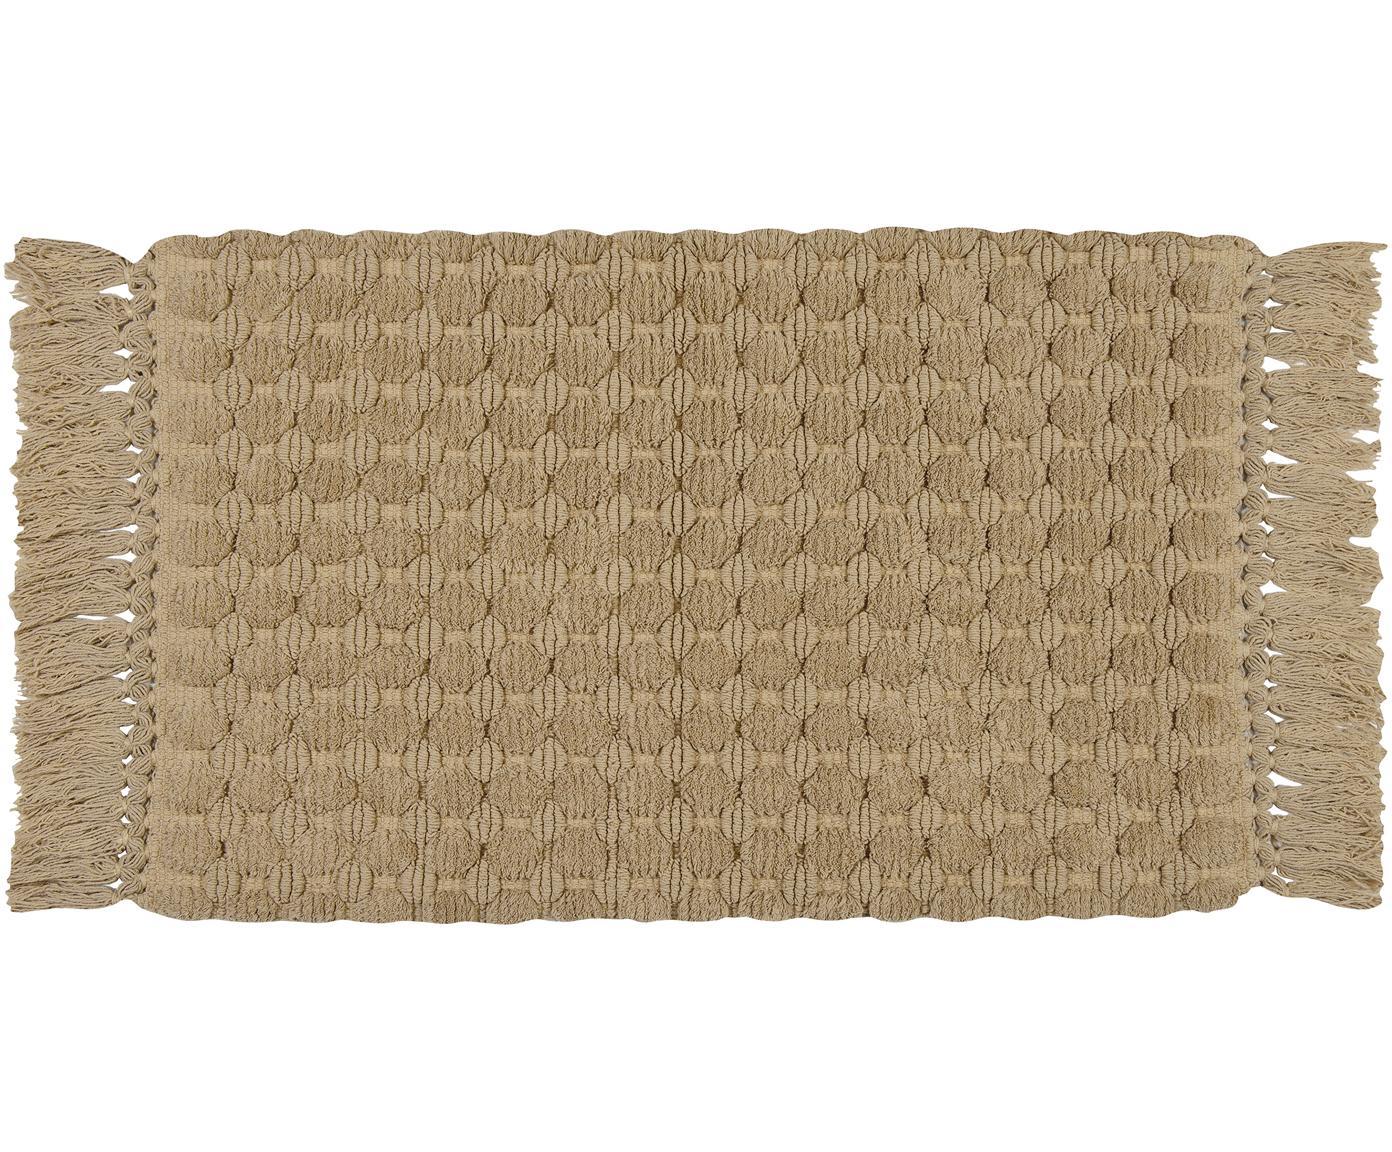 Flauschiger Badvorleger Ivona mit Fransenabschluss, Baumwolle, Beige, 50 x 80 cm